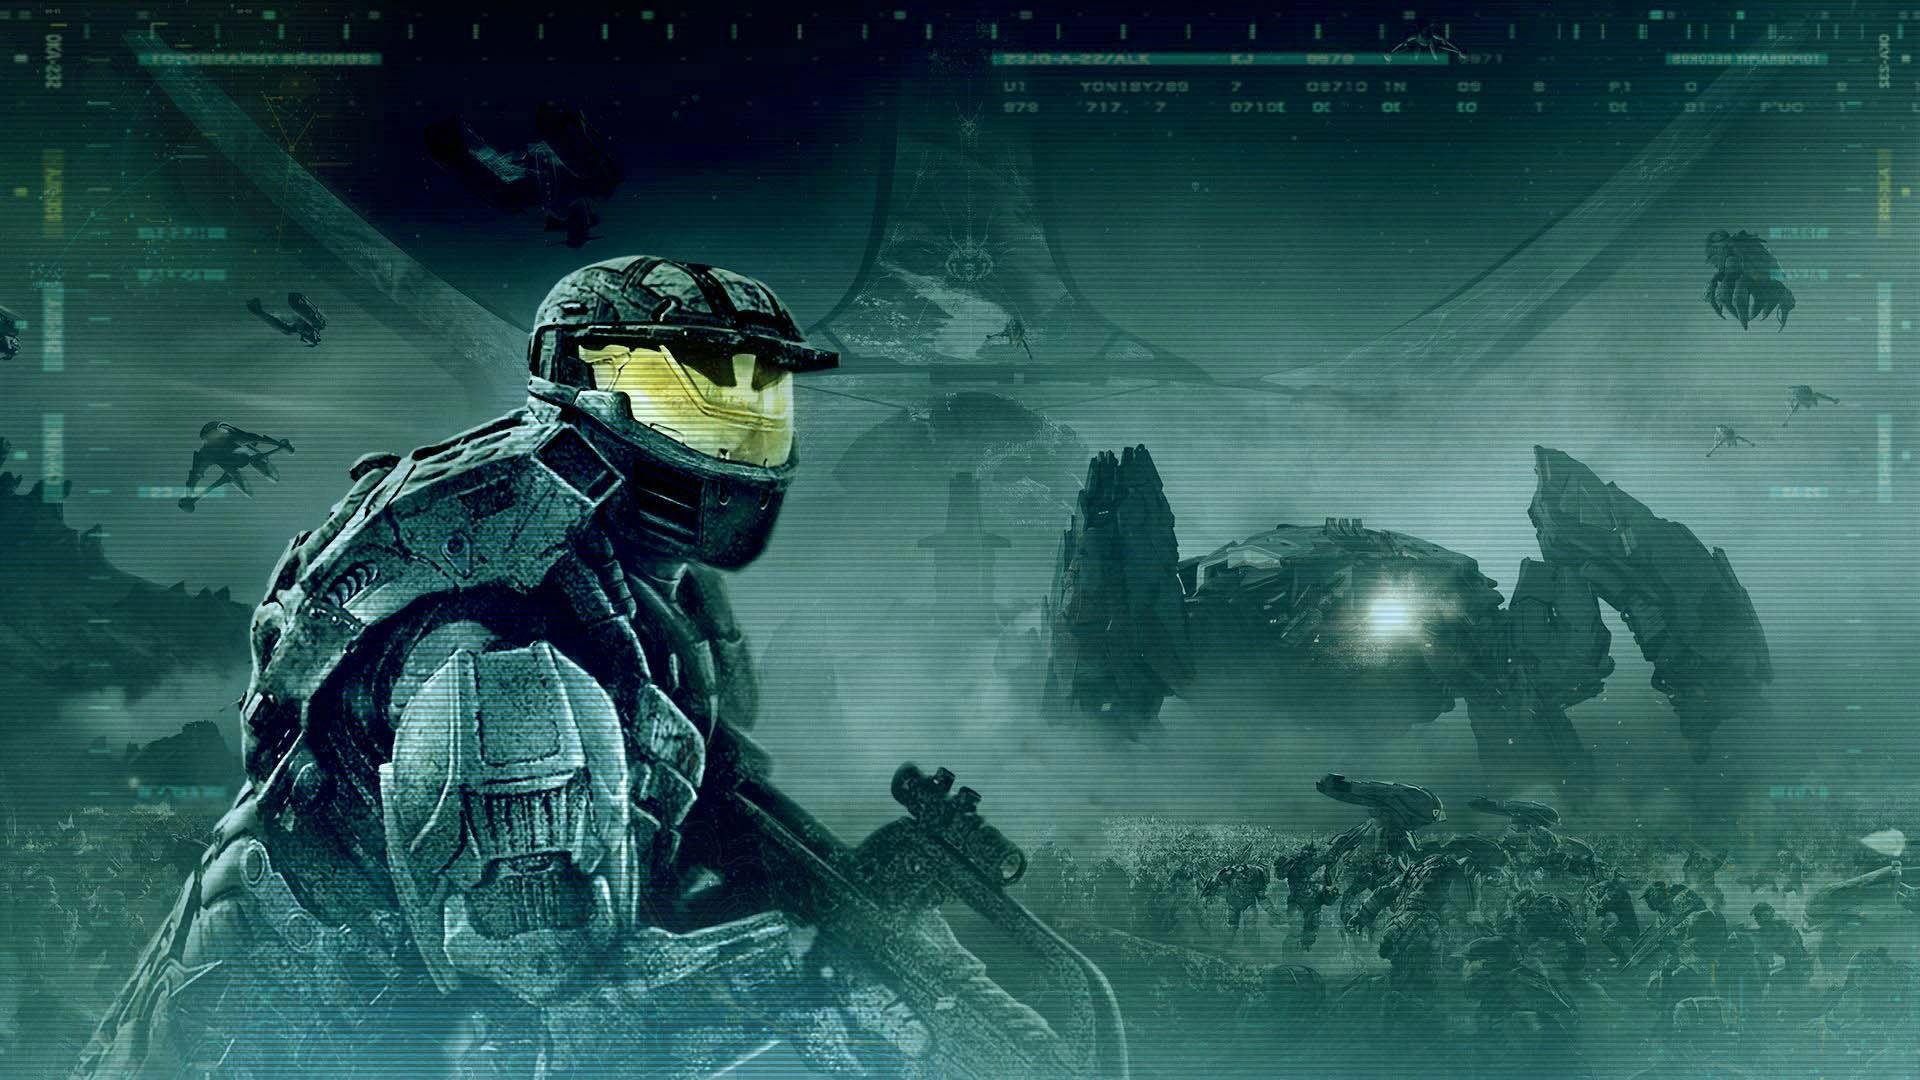 Halo Wars 2 Wallpaper in 1920x1080